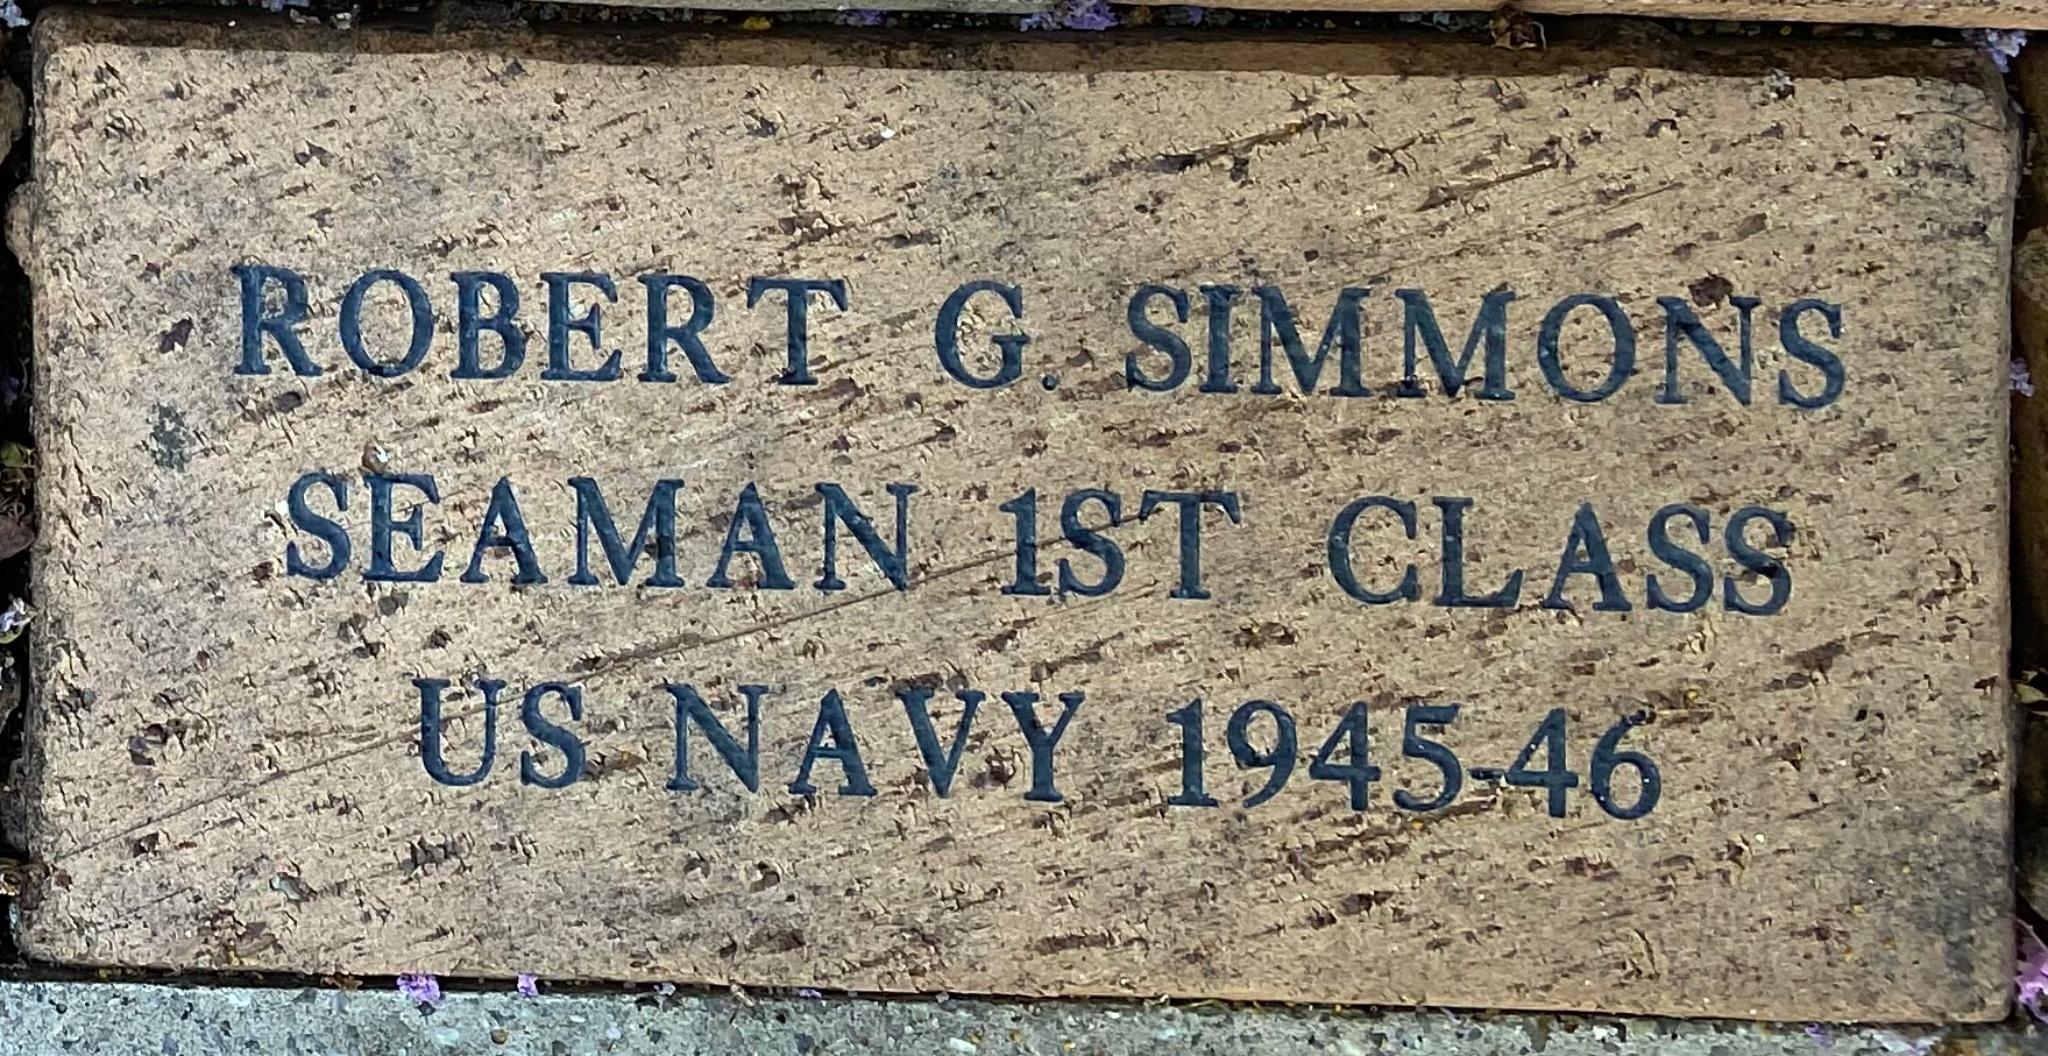 ROBERT G. SIMMONS SEAMAN 1ST CLASS US NAVY 1945-46